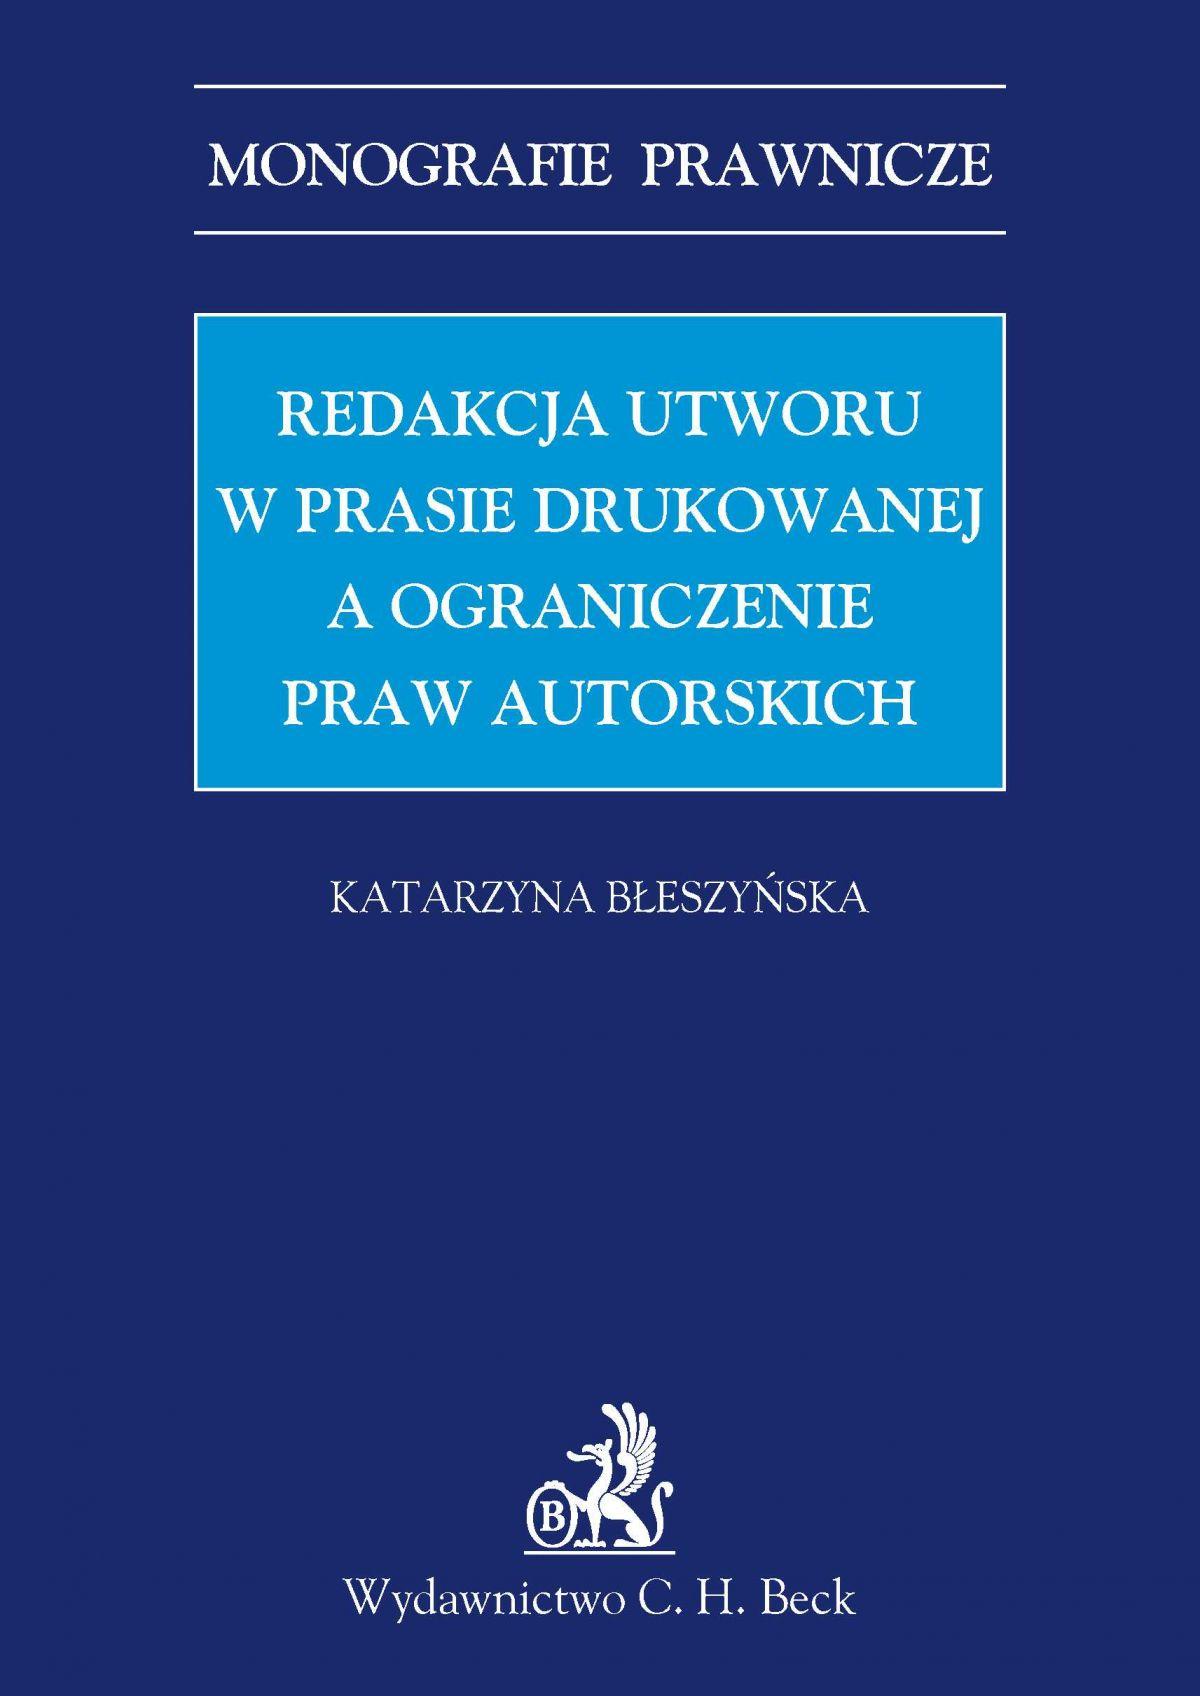 Redakcja utworu w prasie drukowanej a ograniczenie praw autorskich - Ebook (Książka PDF) do pobrania w formacie PDF